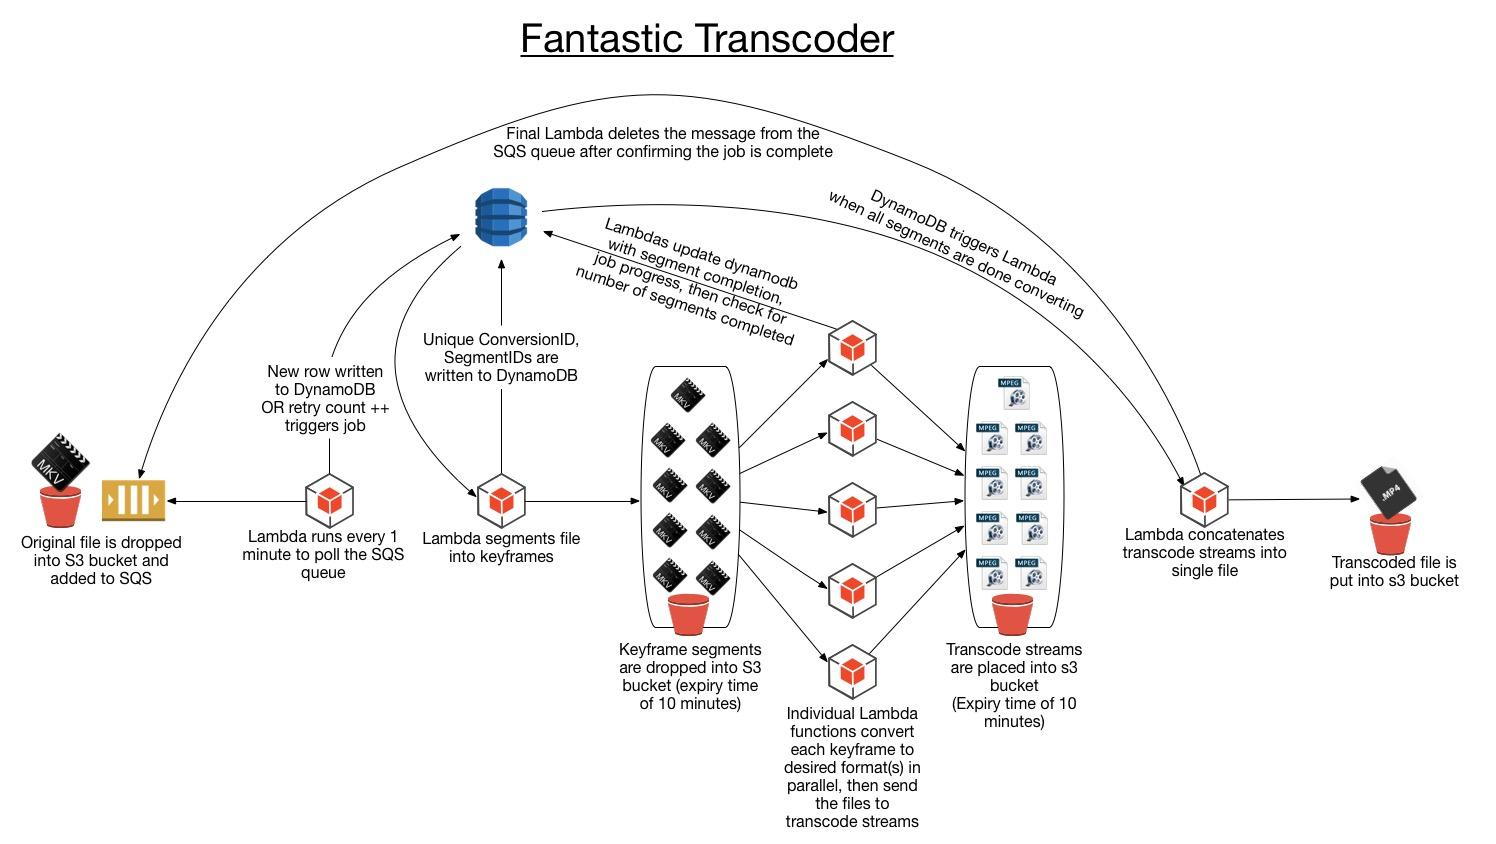 FantasticTranscoder